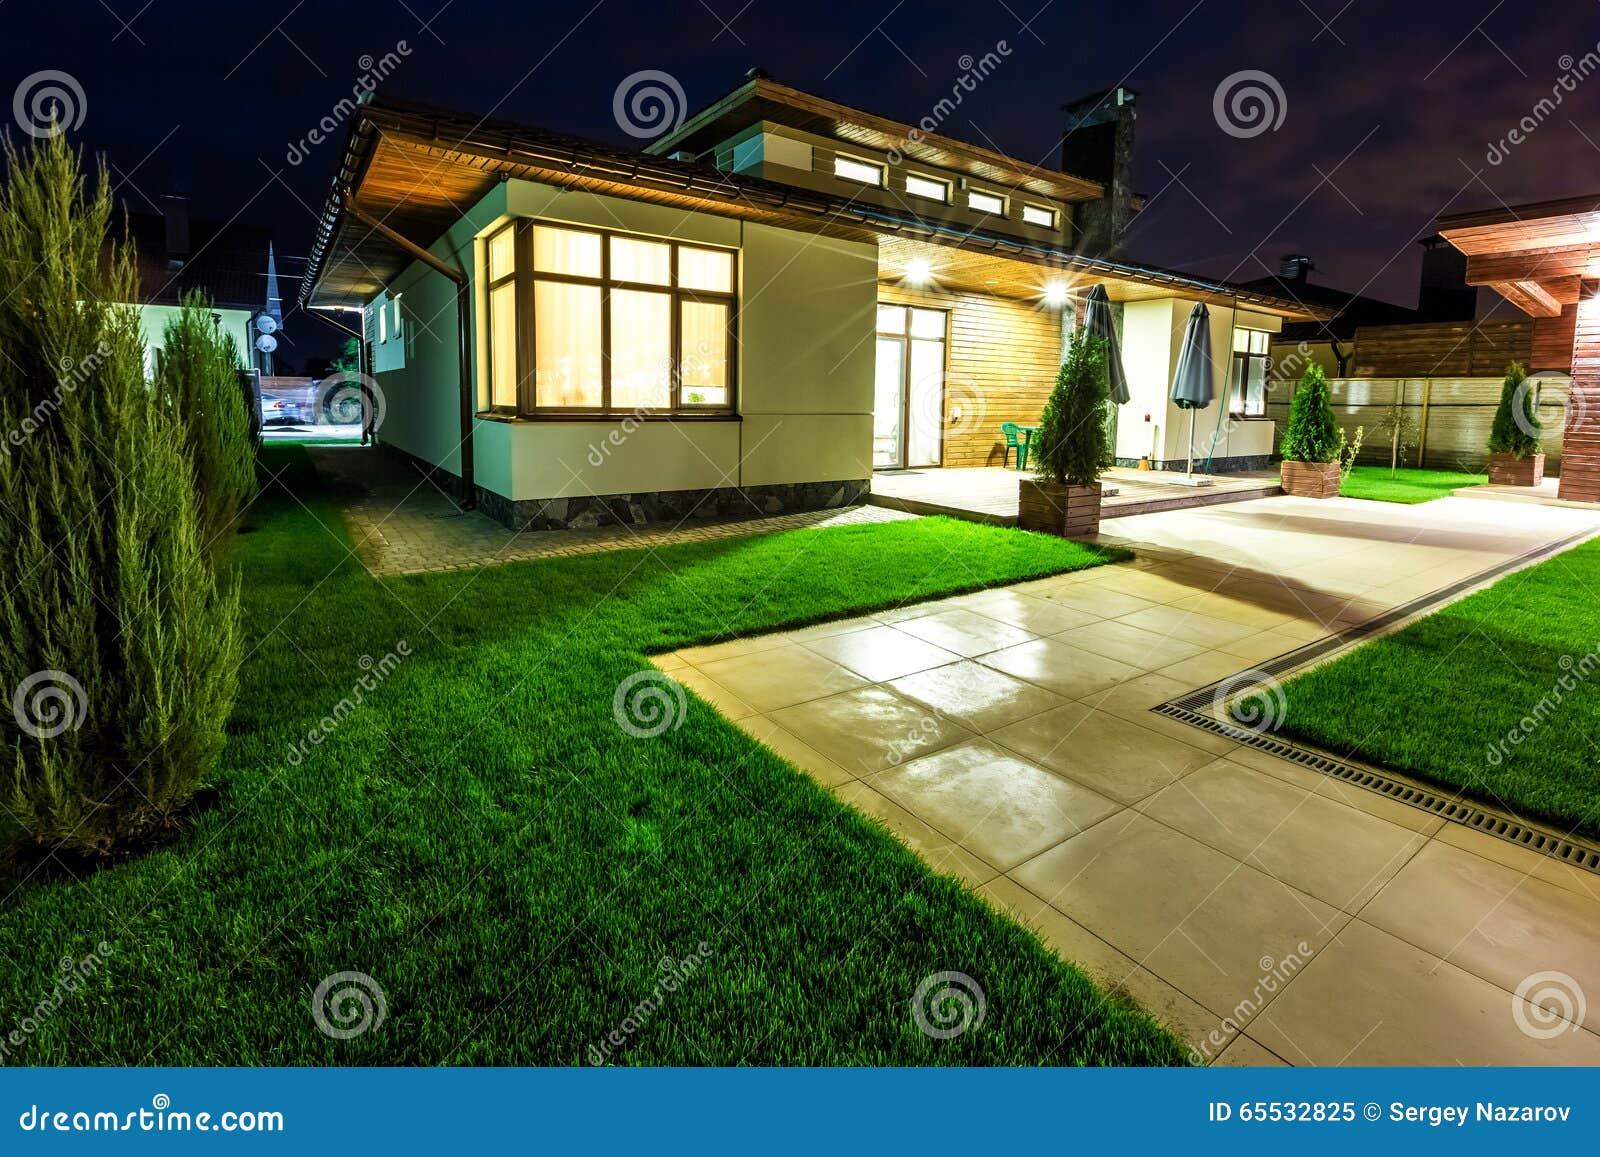 Cool villetta alla notte osservi del cortile posteriore - Progetto casa fossato di vico ...